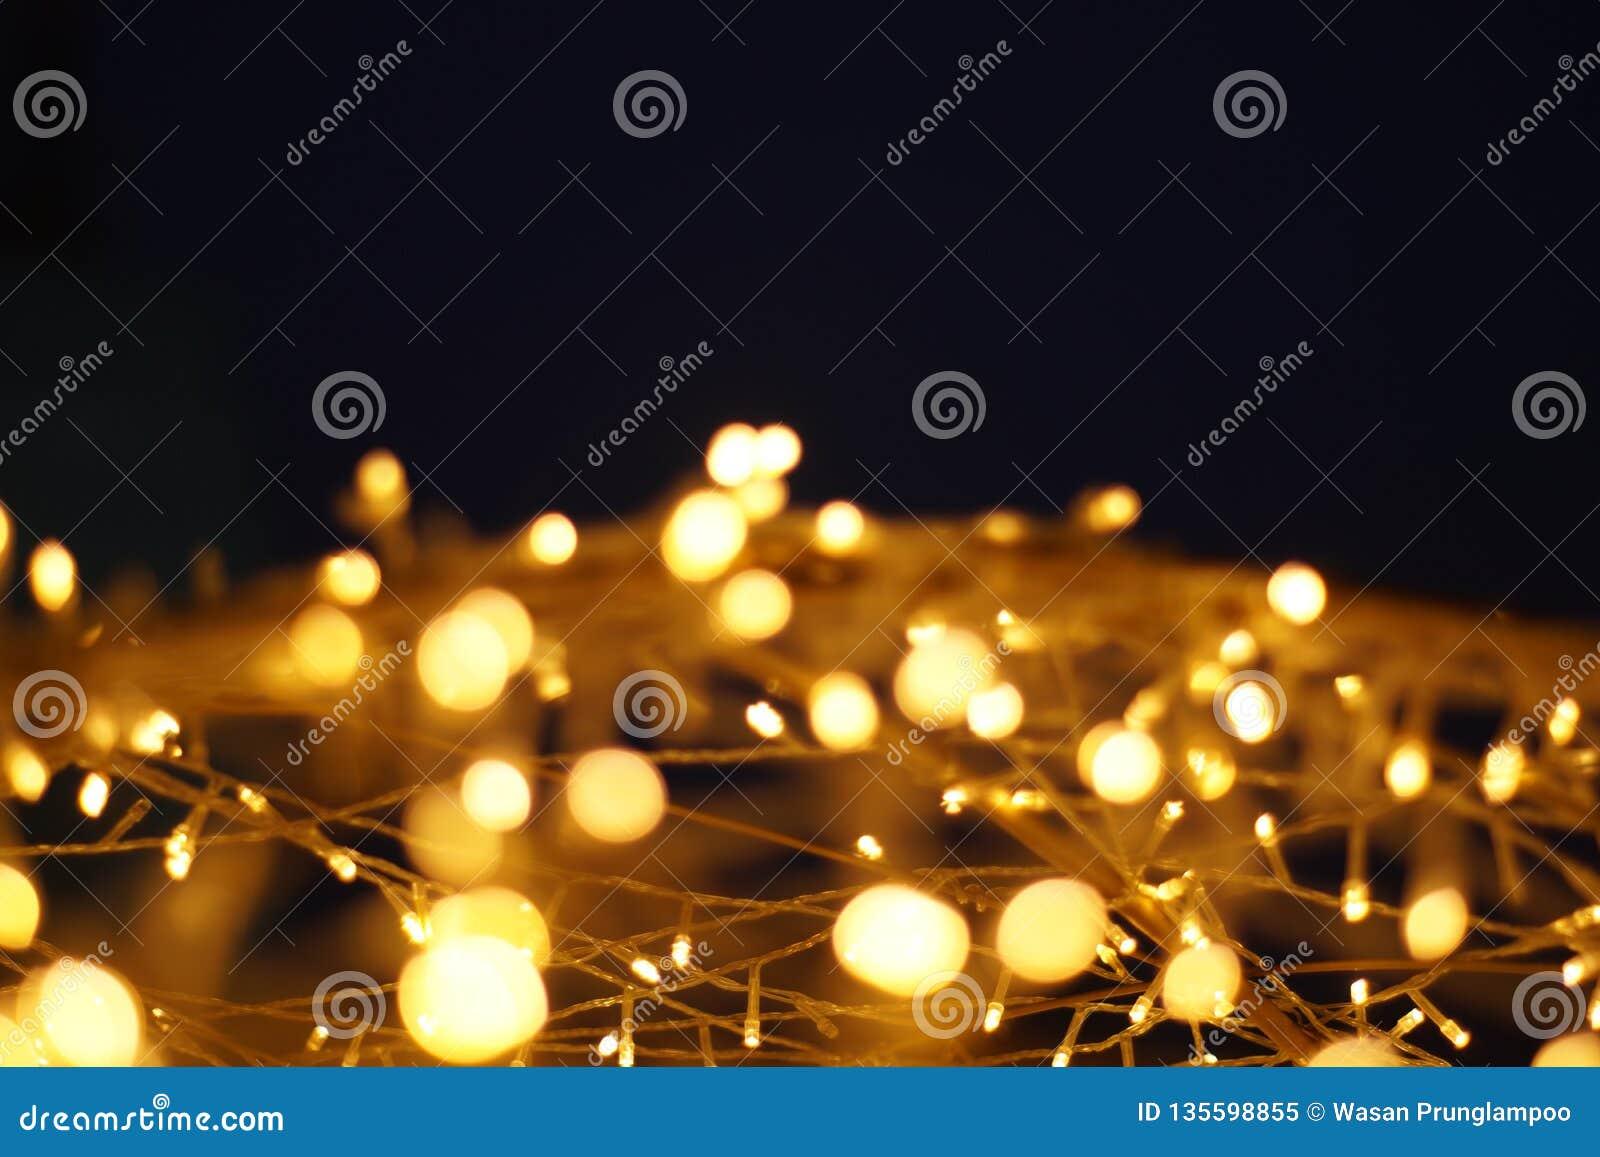 Das goldene LED-Licht bokeh verwischte abstrakten Musterhintergrund